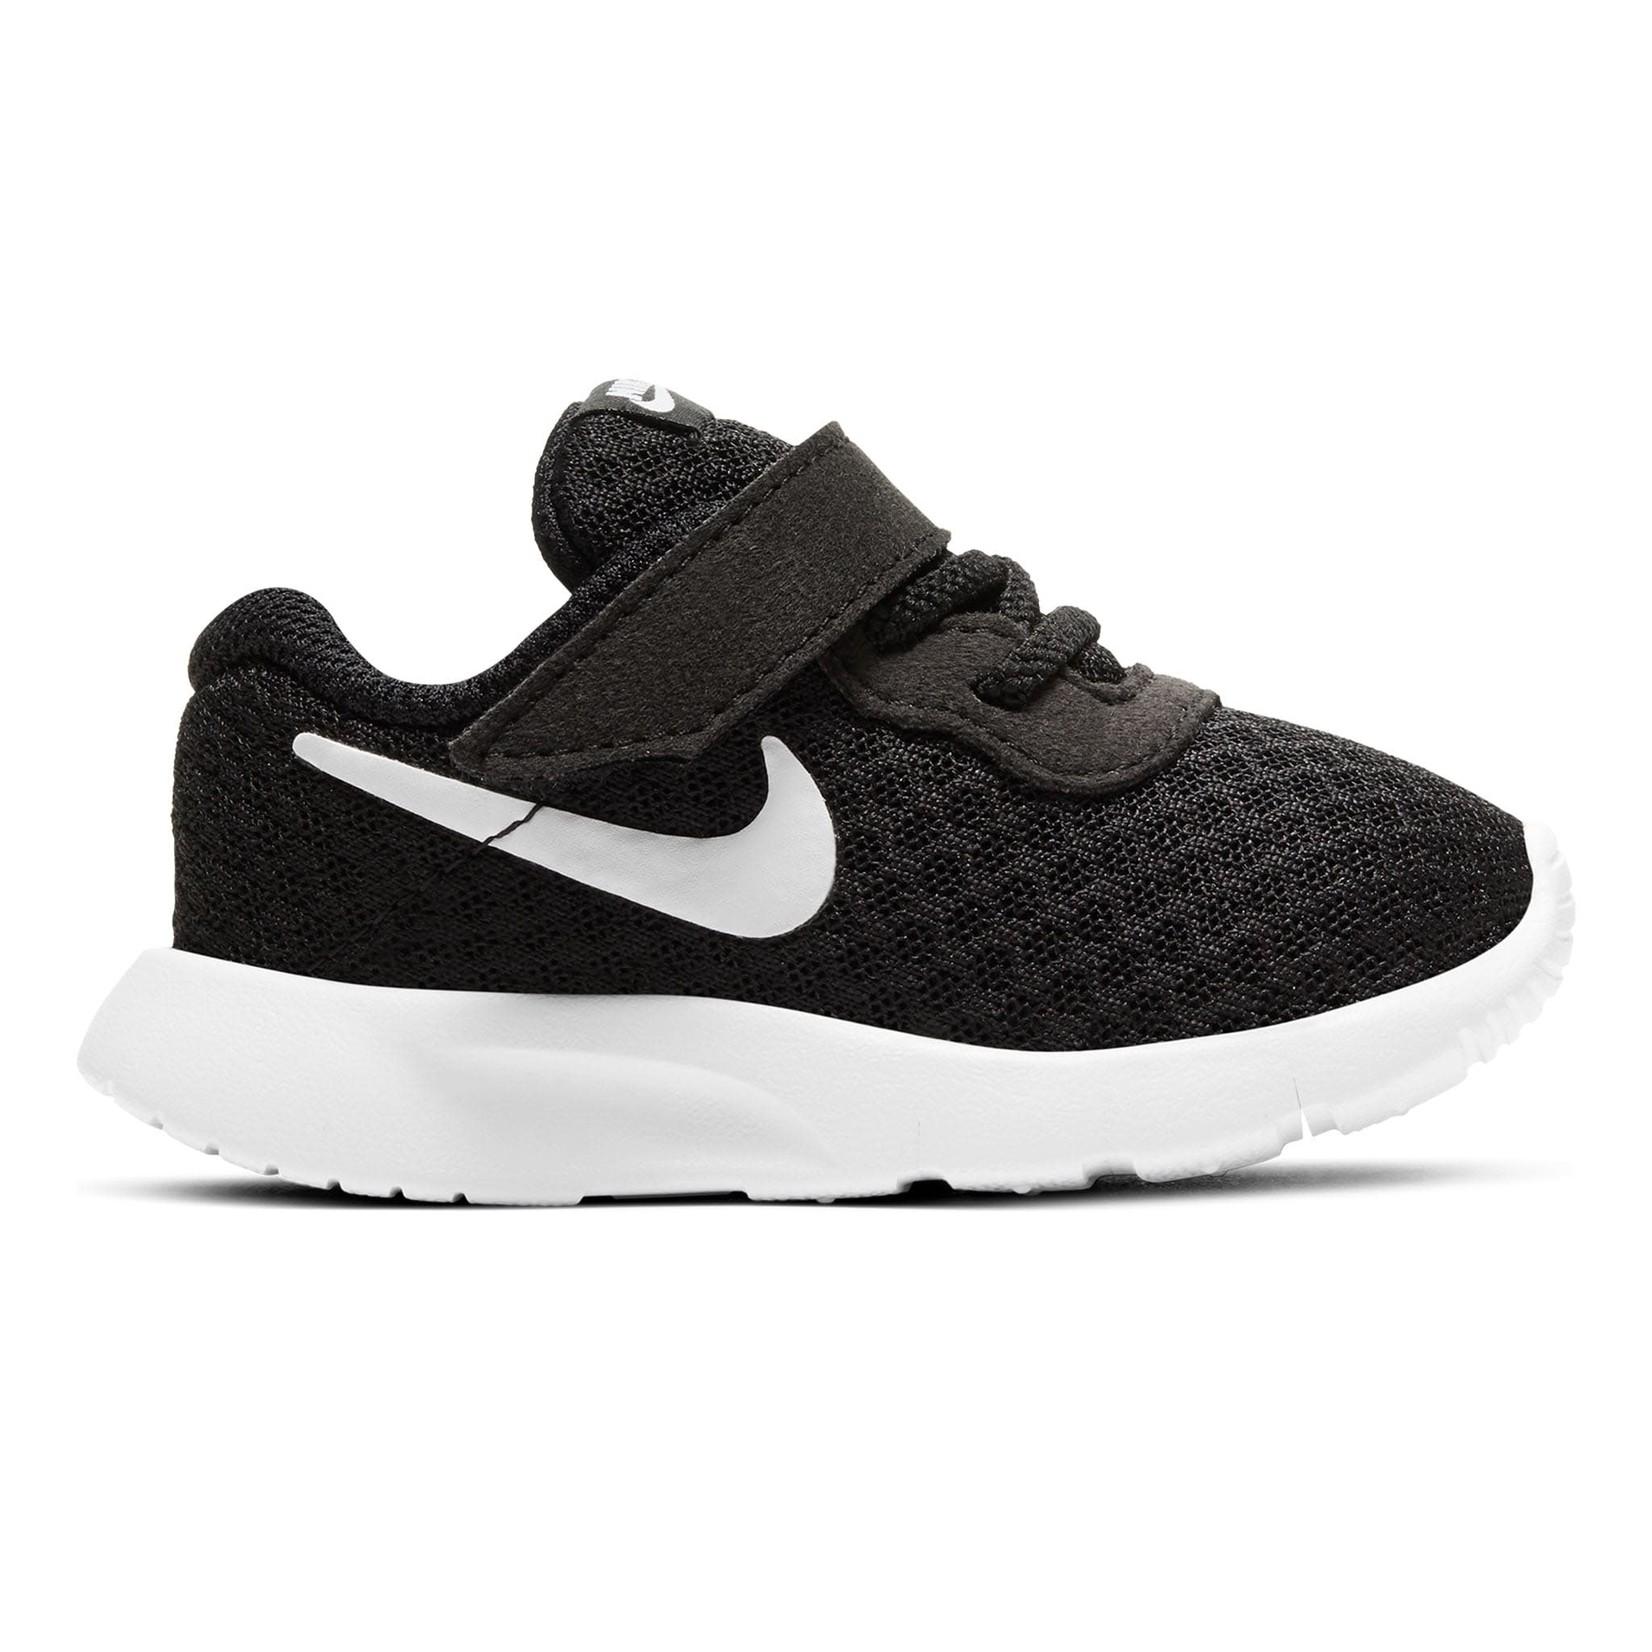 Nike Nike Running Shoes, Tanjun TDV